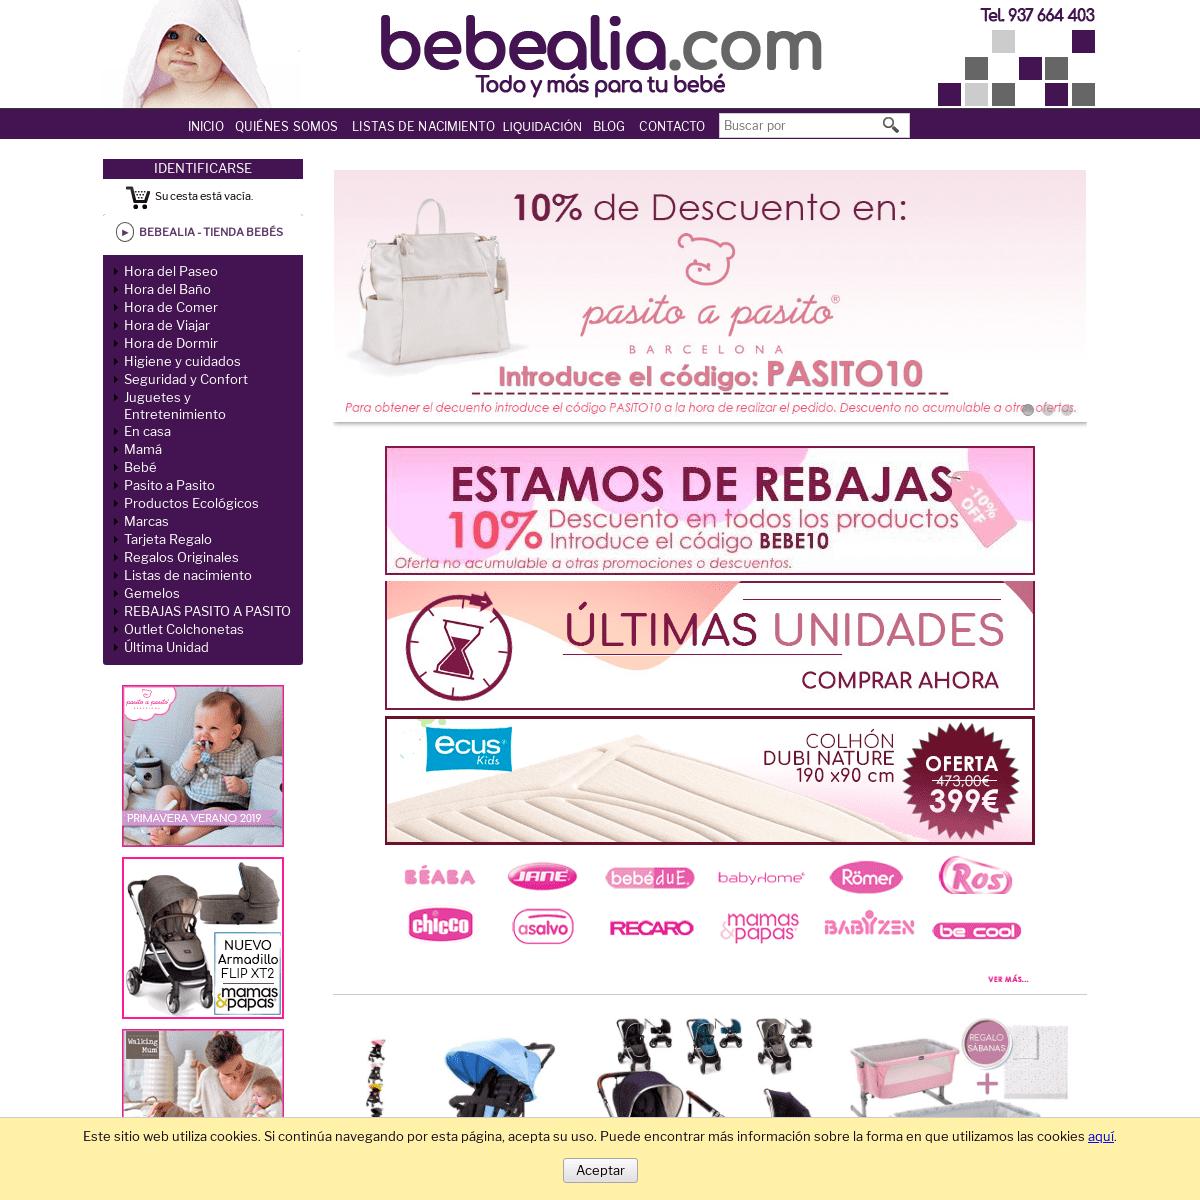 Tienda bebés Bebealia